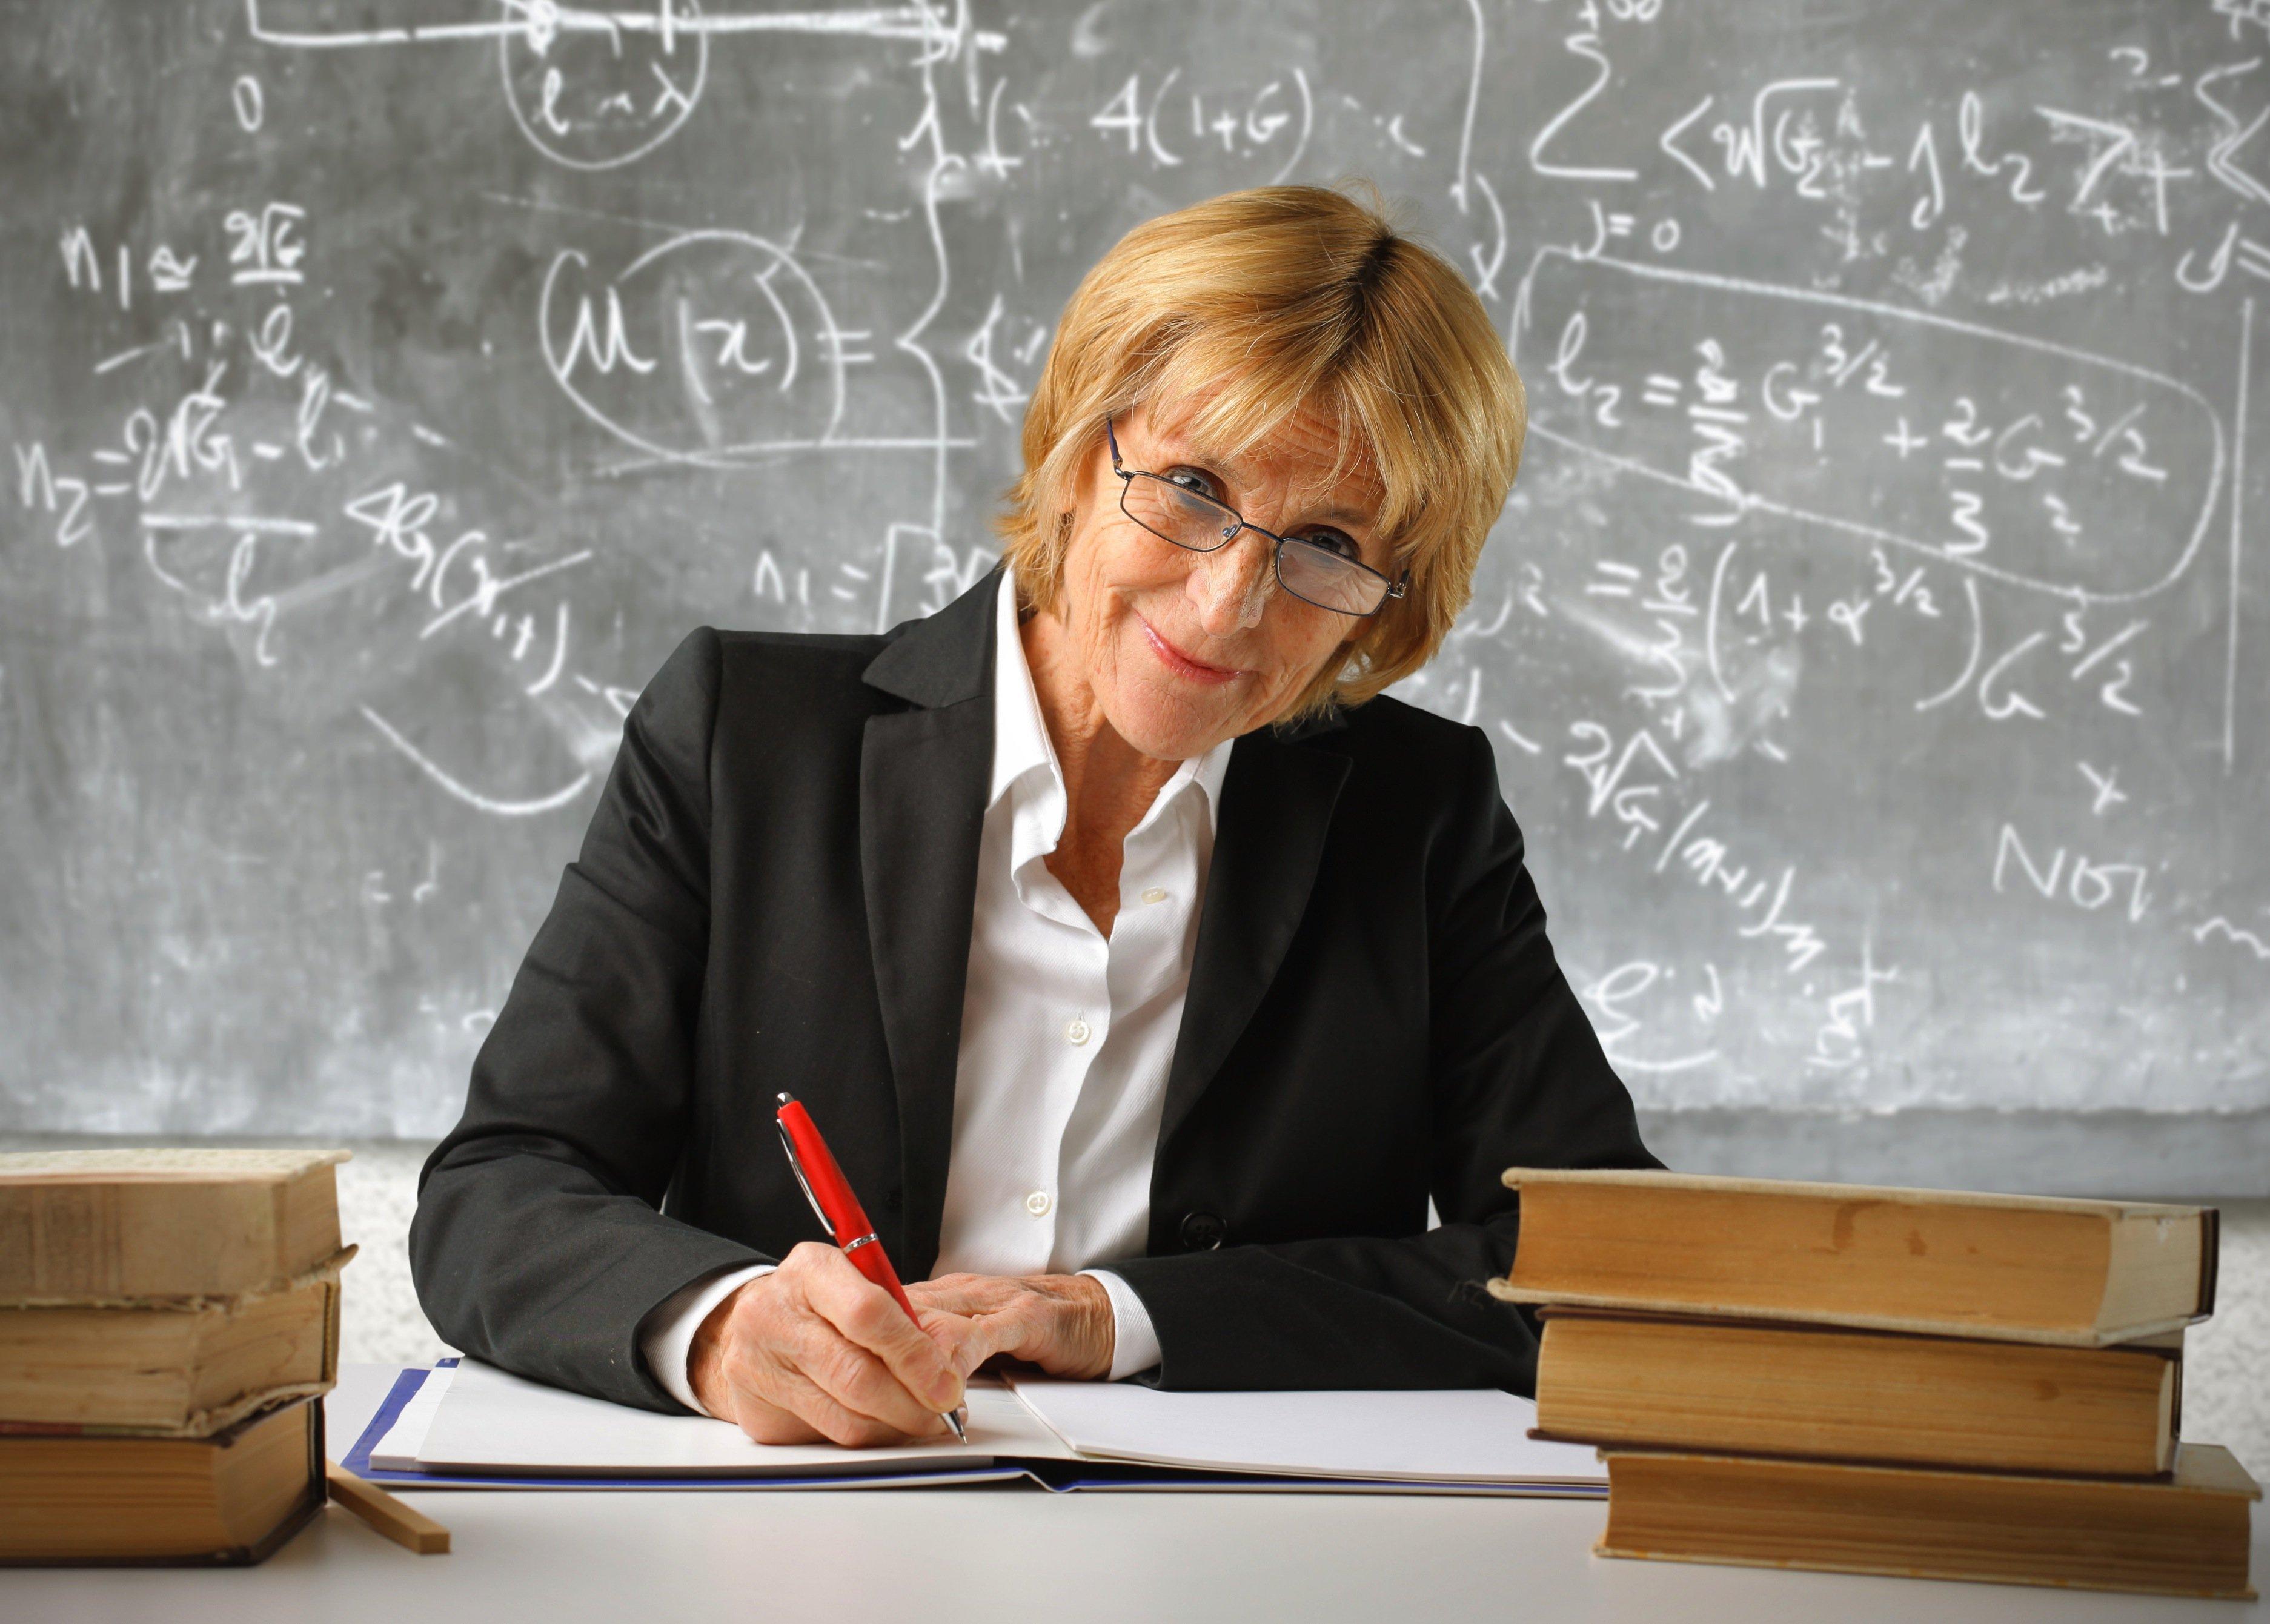 woman professor.jpg?resize=1200,630 - Estudo comprova que mulheres que fazem vídeos educacionais no YouTube recebem mais comentários hostis do que os homens